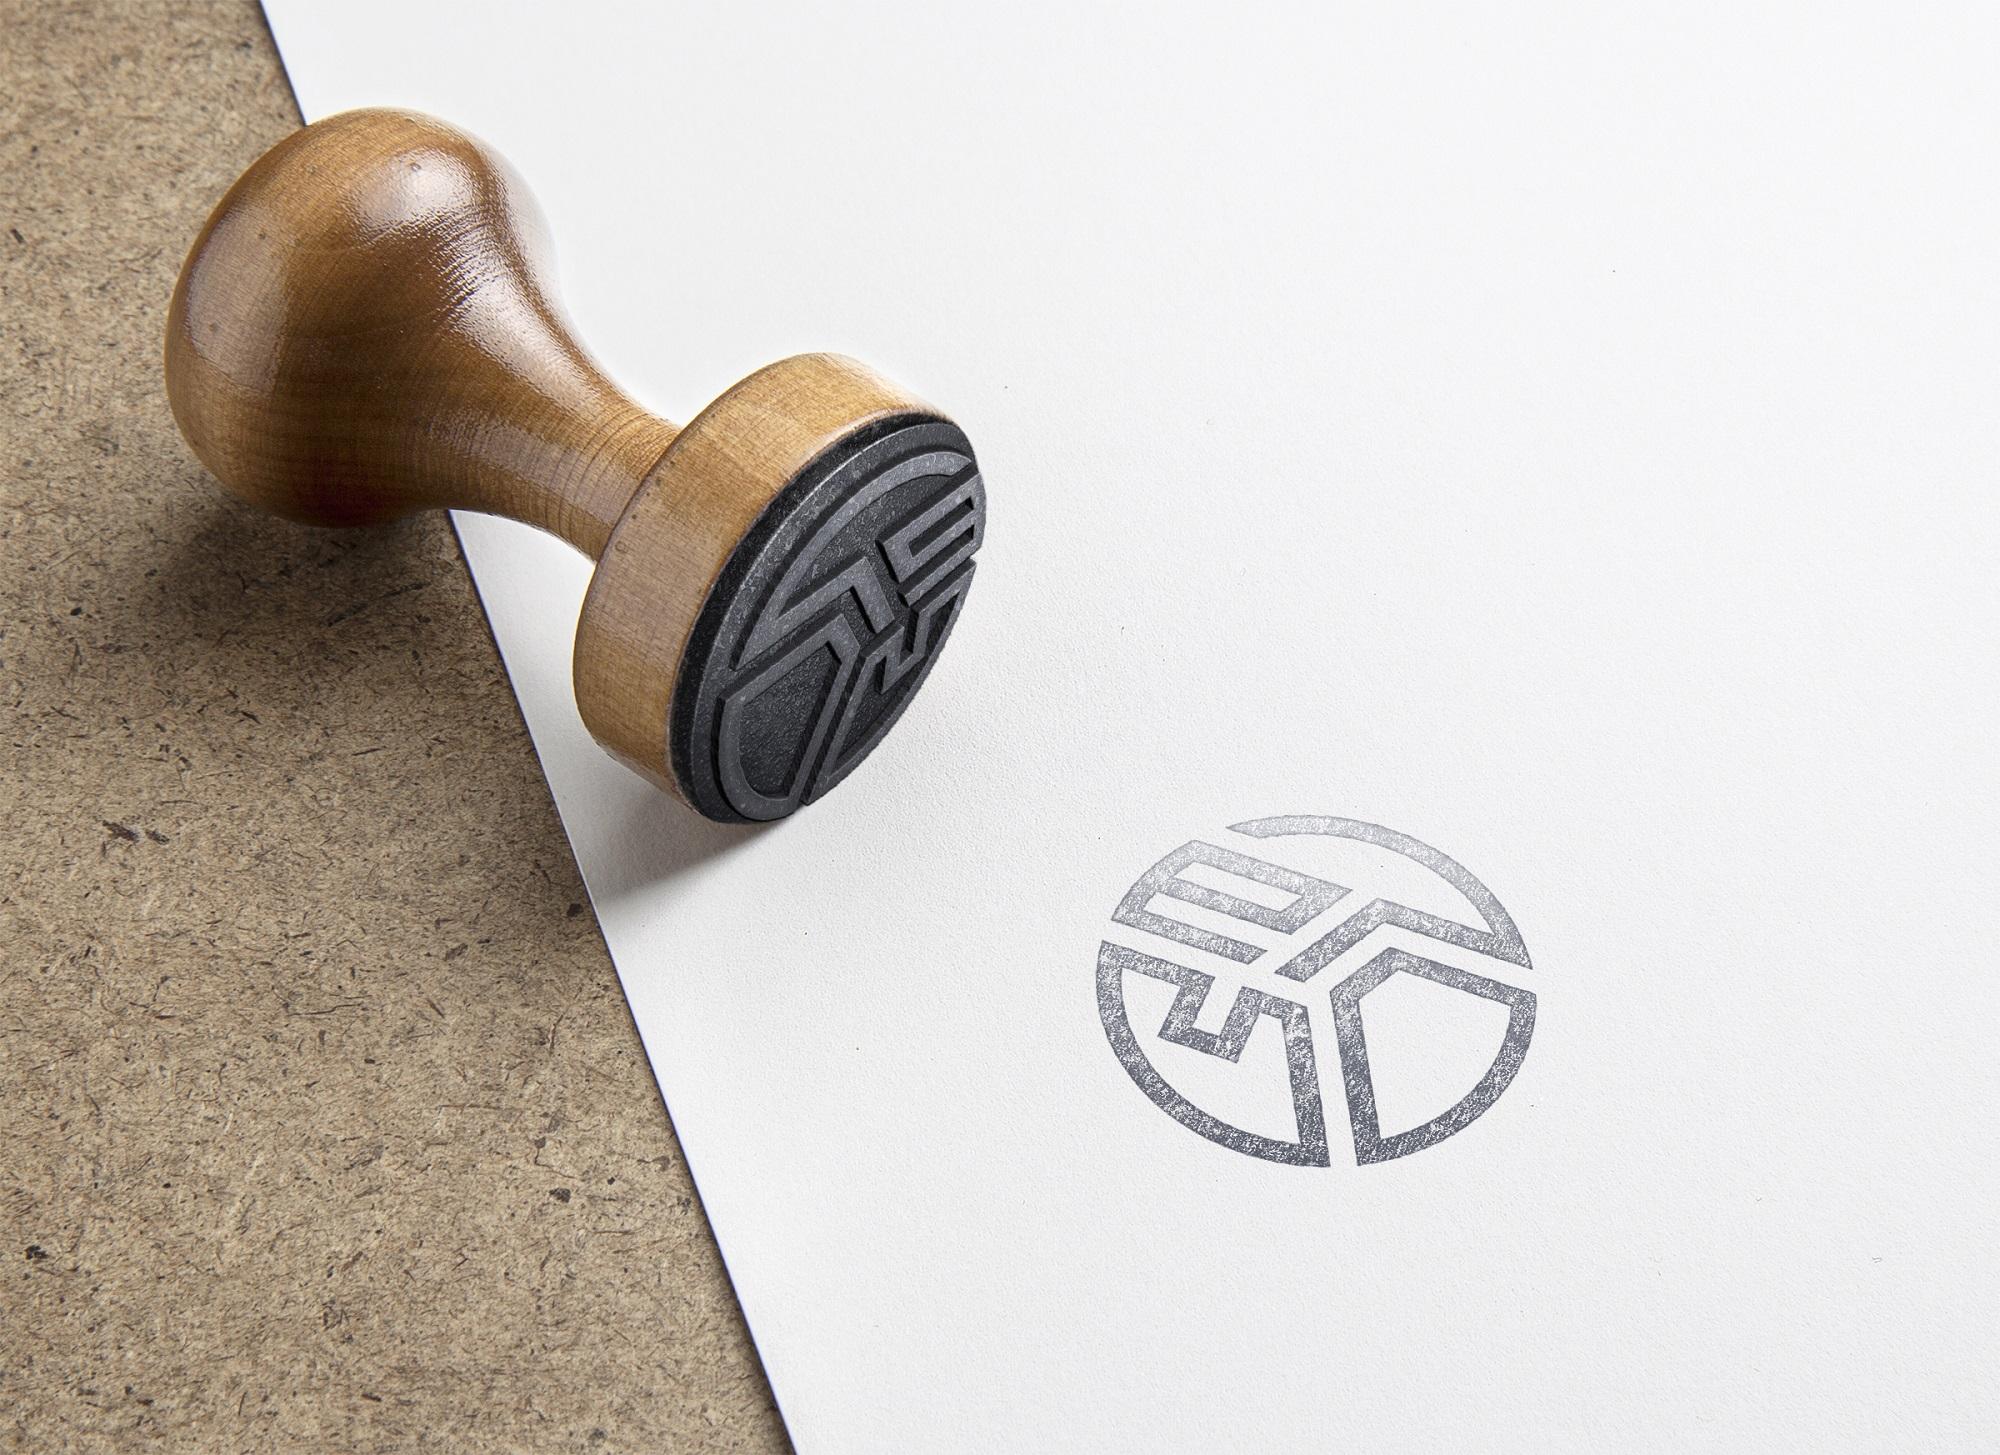 Логотип для компании инвестироваюшей в жилую недвижимость фото f_8045e0f004d6b133.jpg